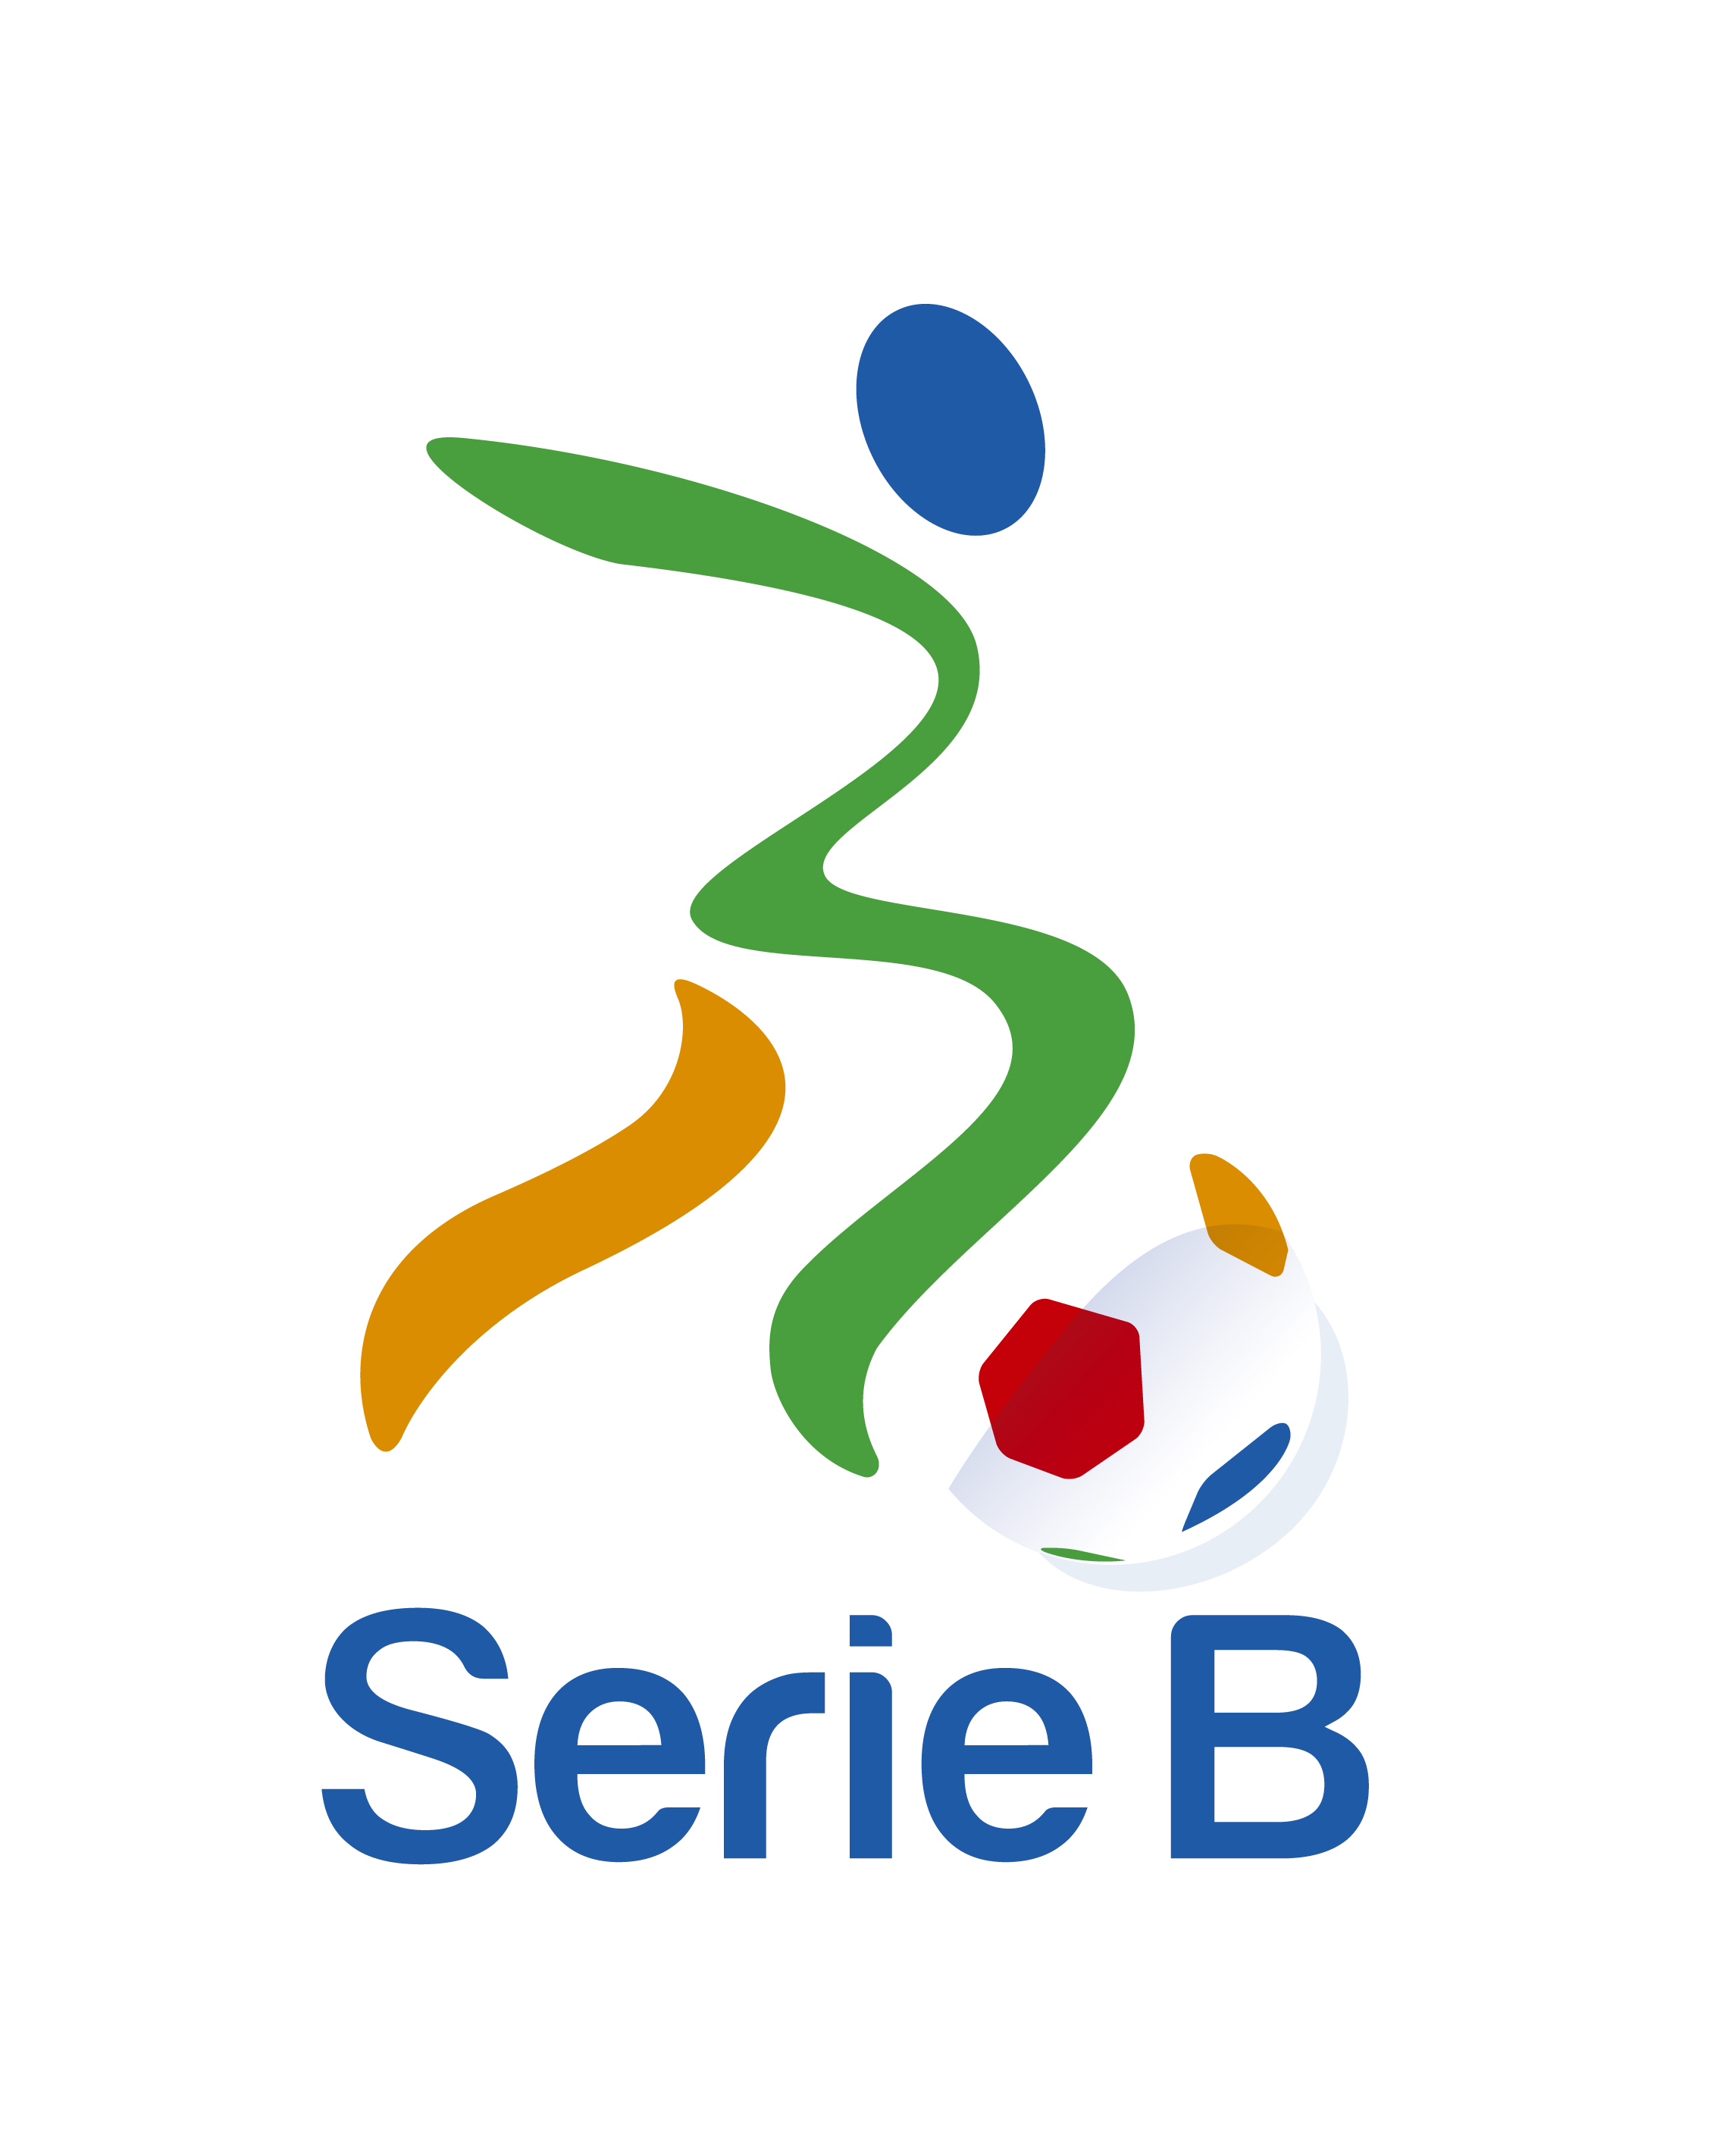 SerieB_Vers_Ufficiale_Libero_Pantone